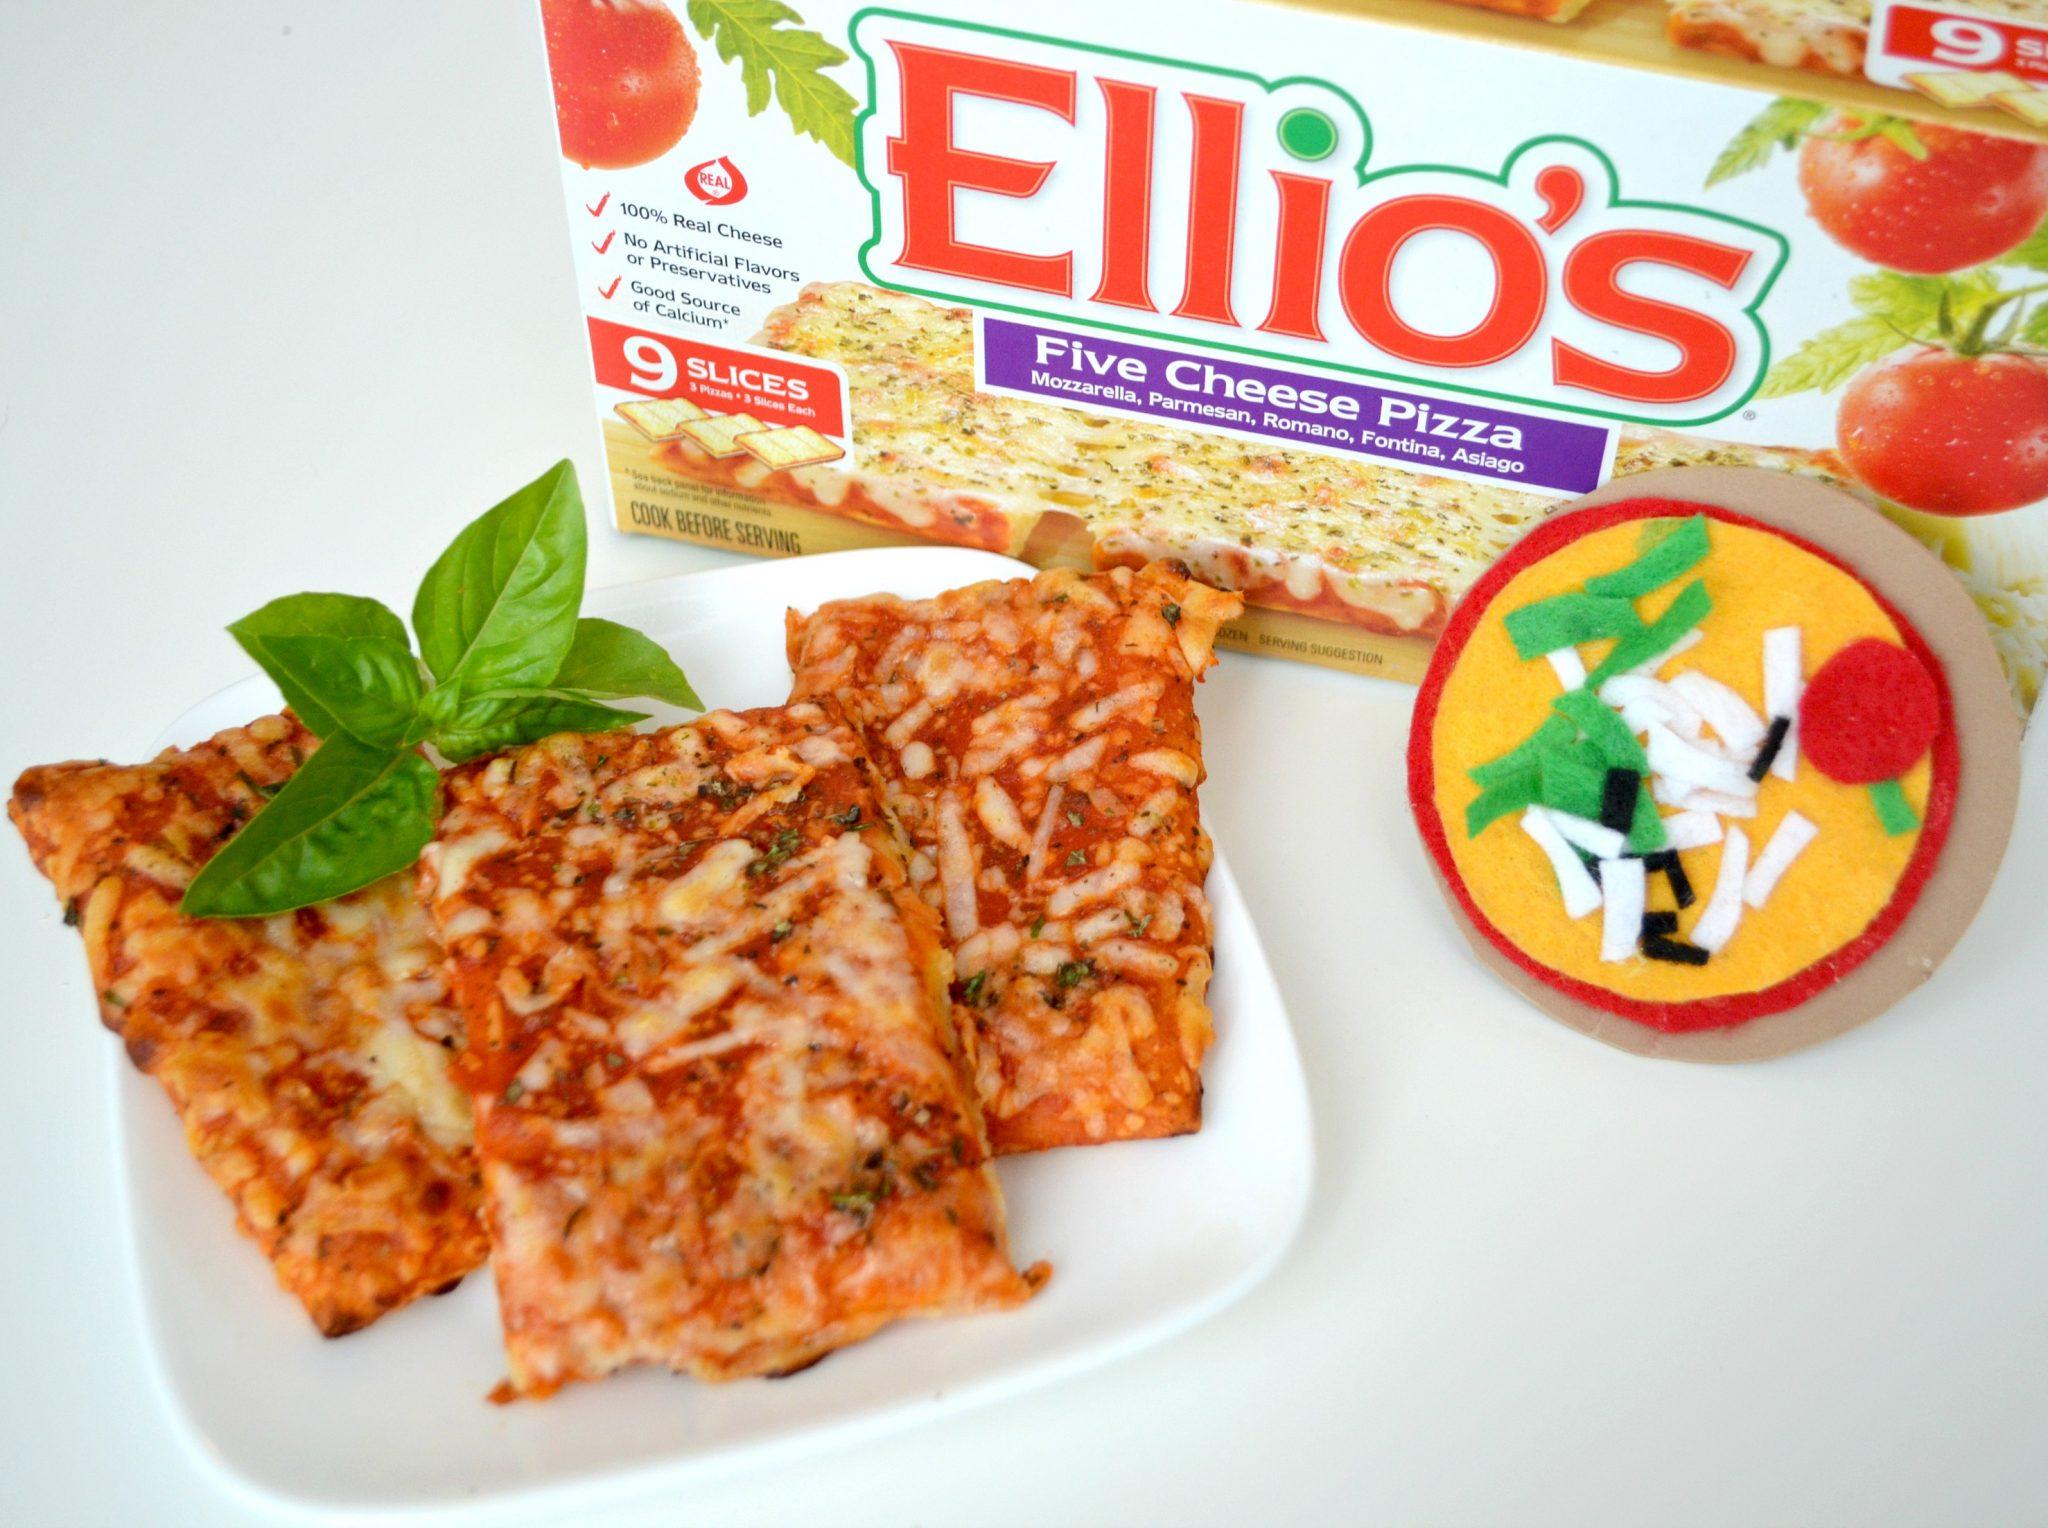 Pizza Magnet & Ellio's Five Cheese Pizza